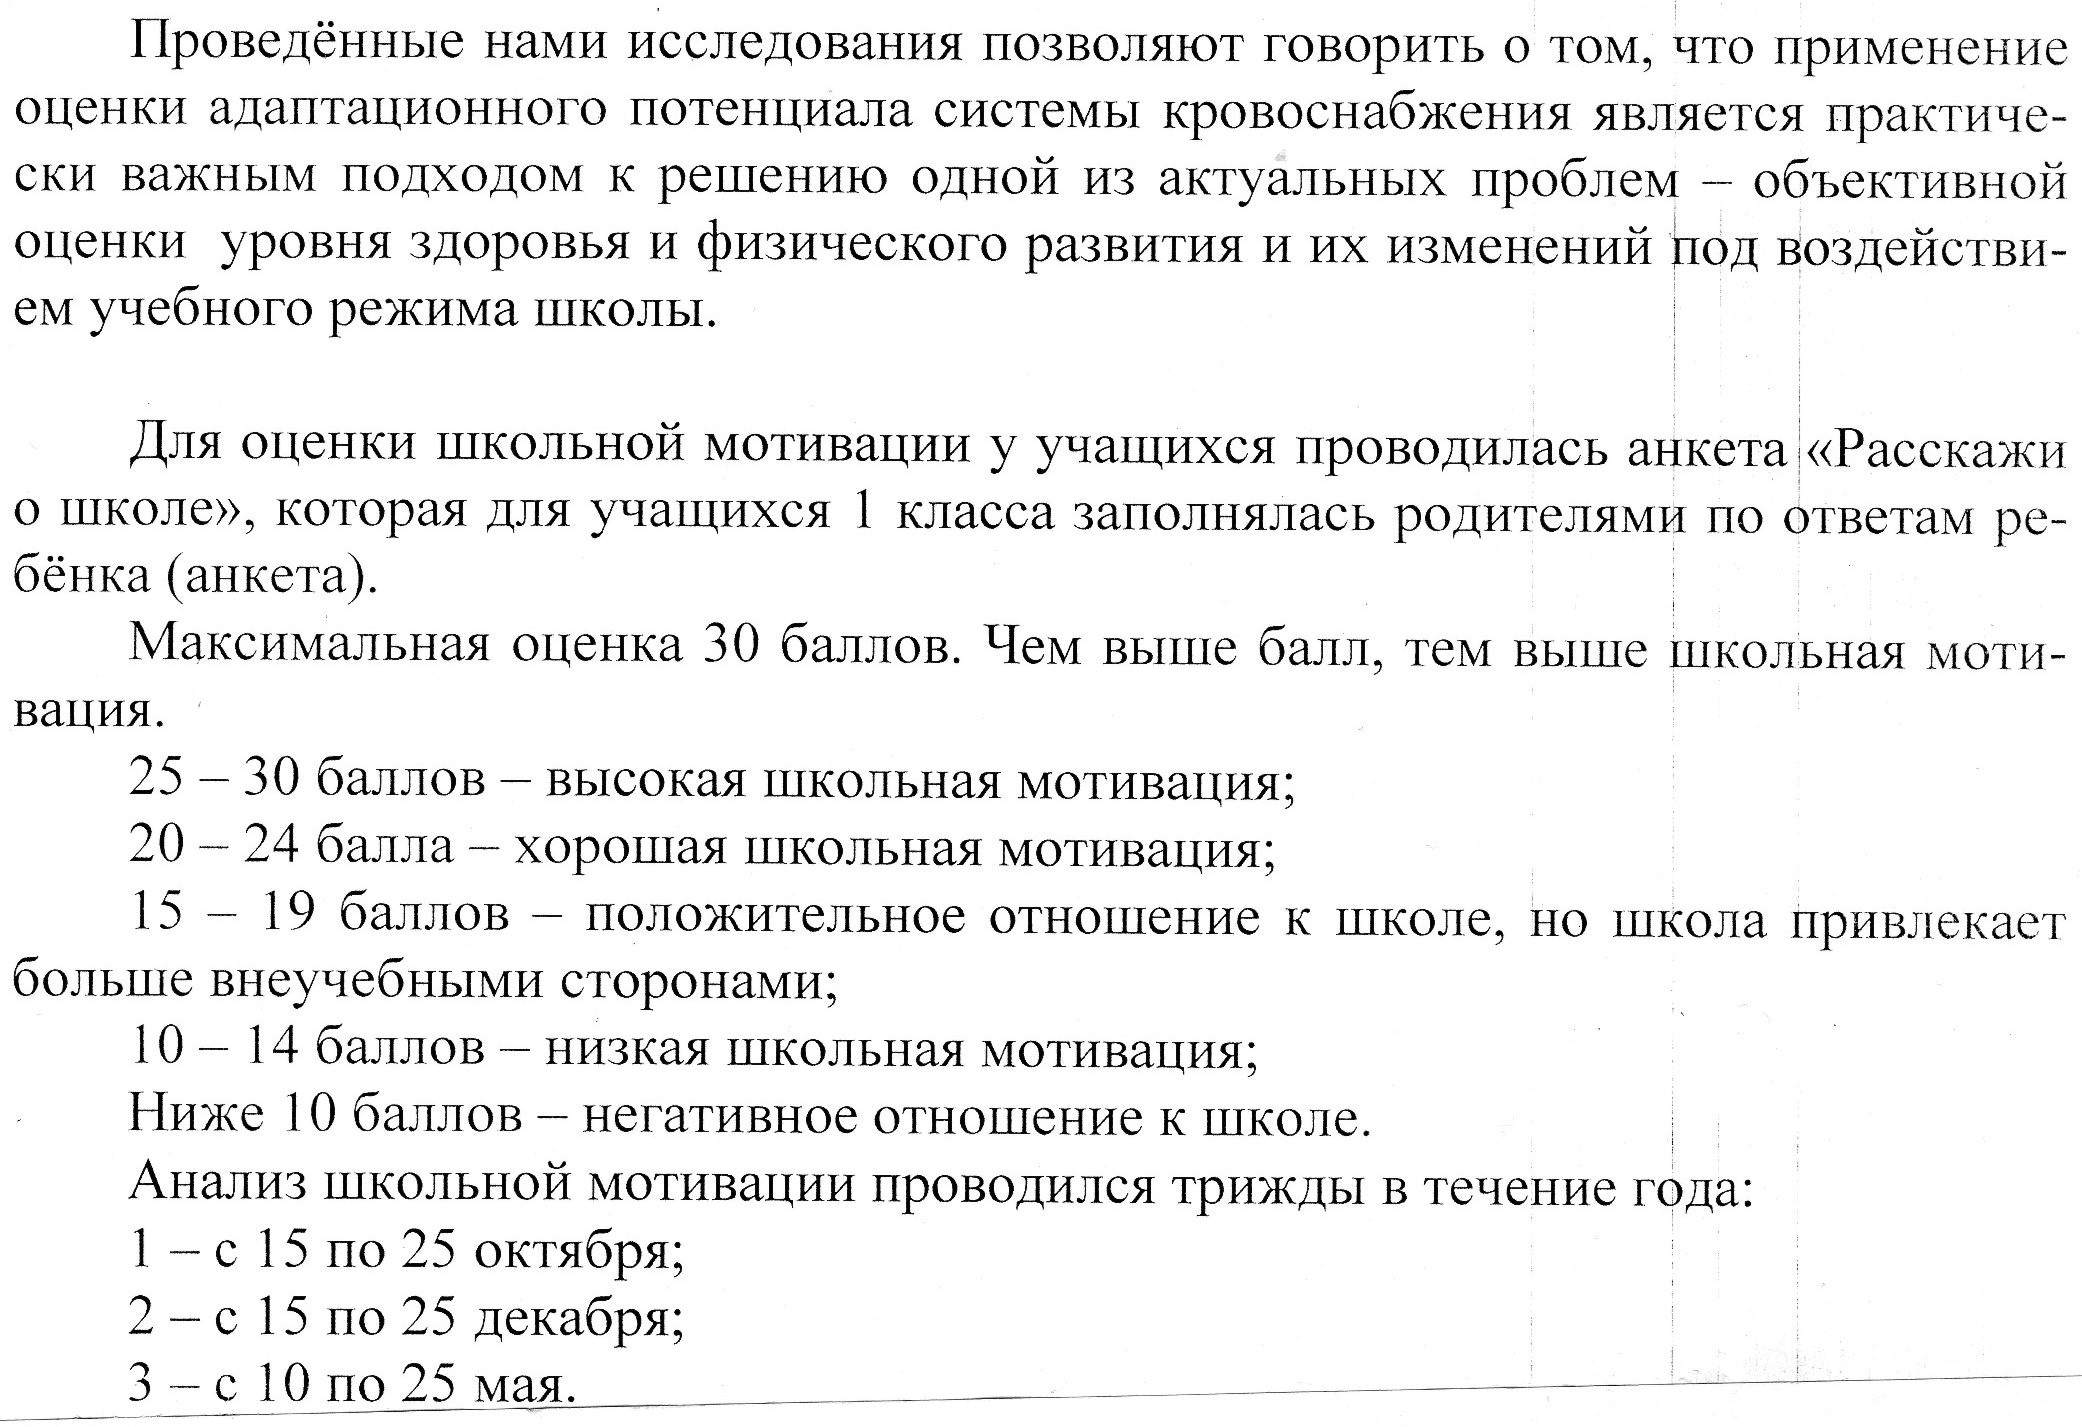 C:\Users\Валентина\Desktop\Ира\5.jpg